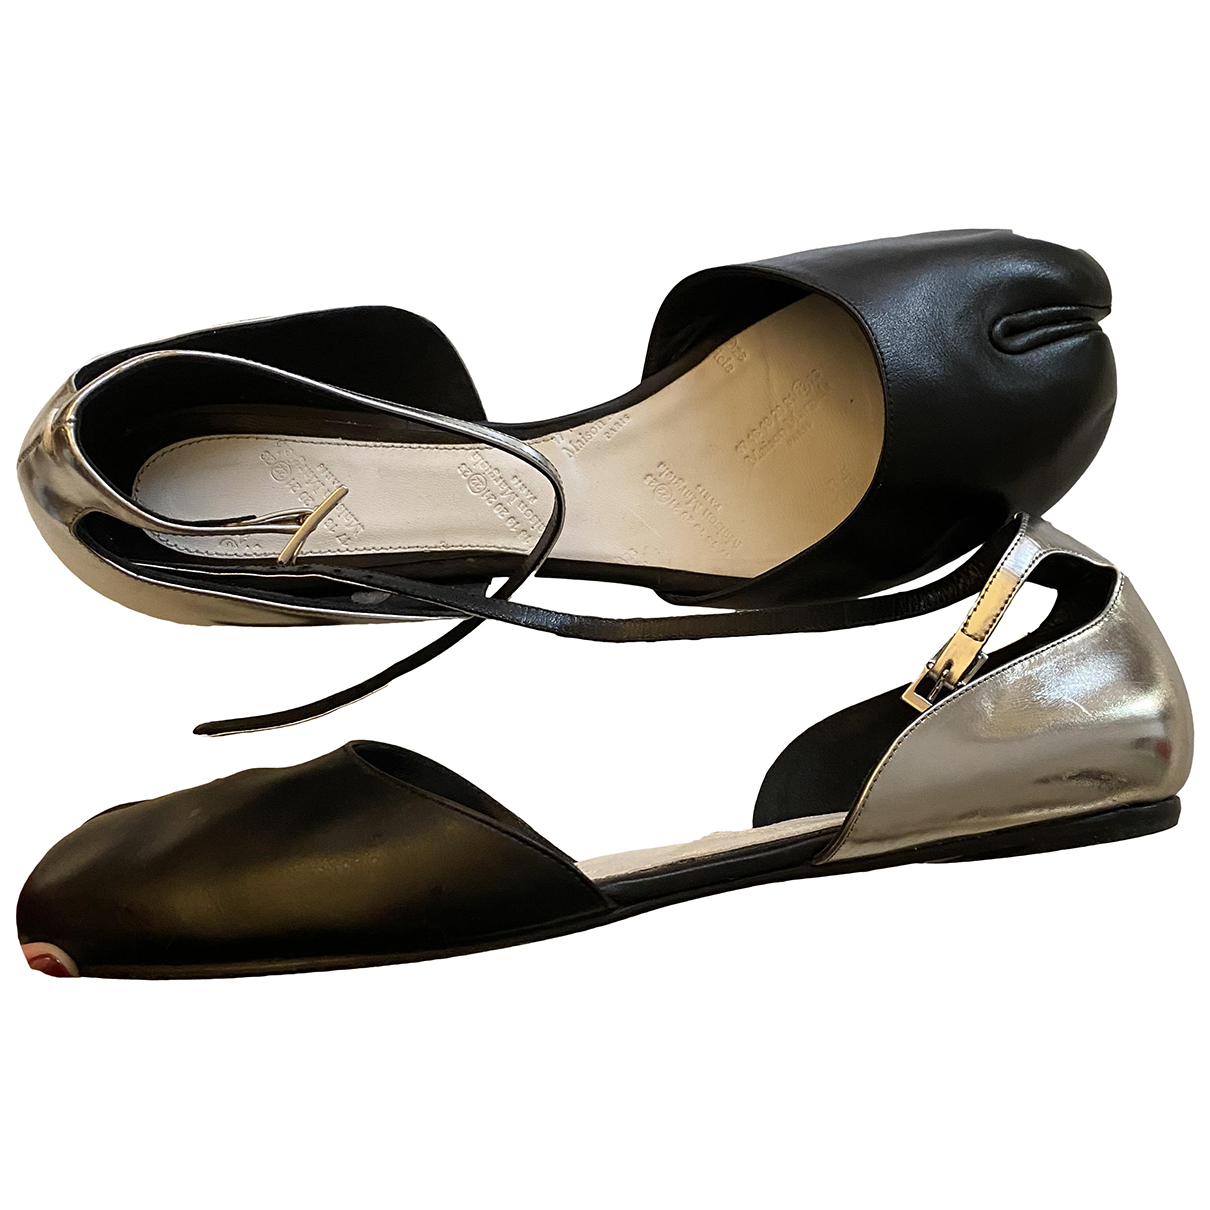 Maison Martin Margiela - Ballerines   pour femme en cuir - noir